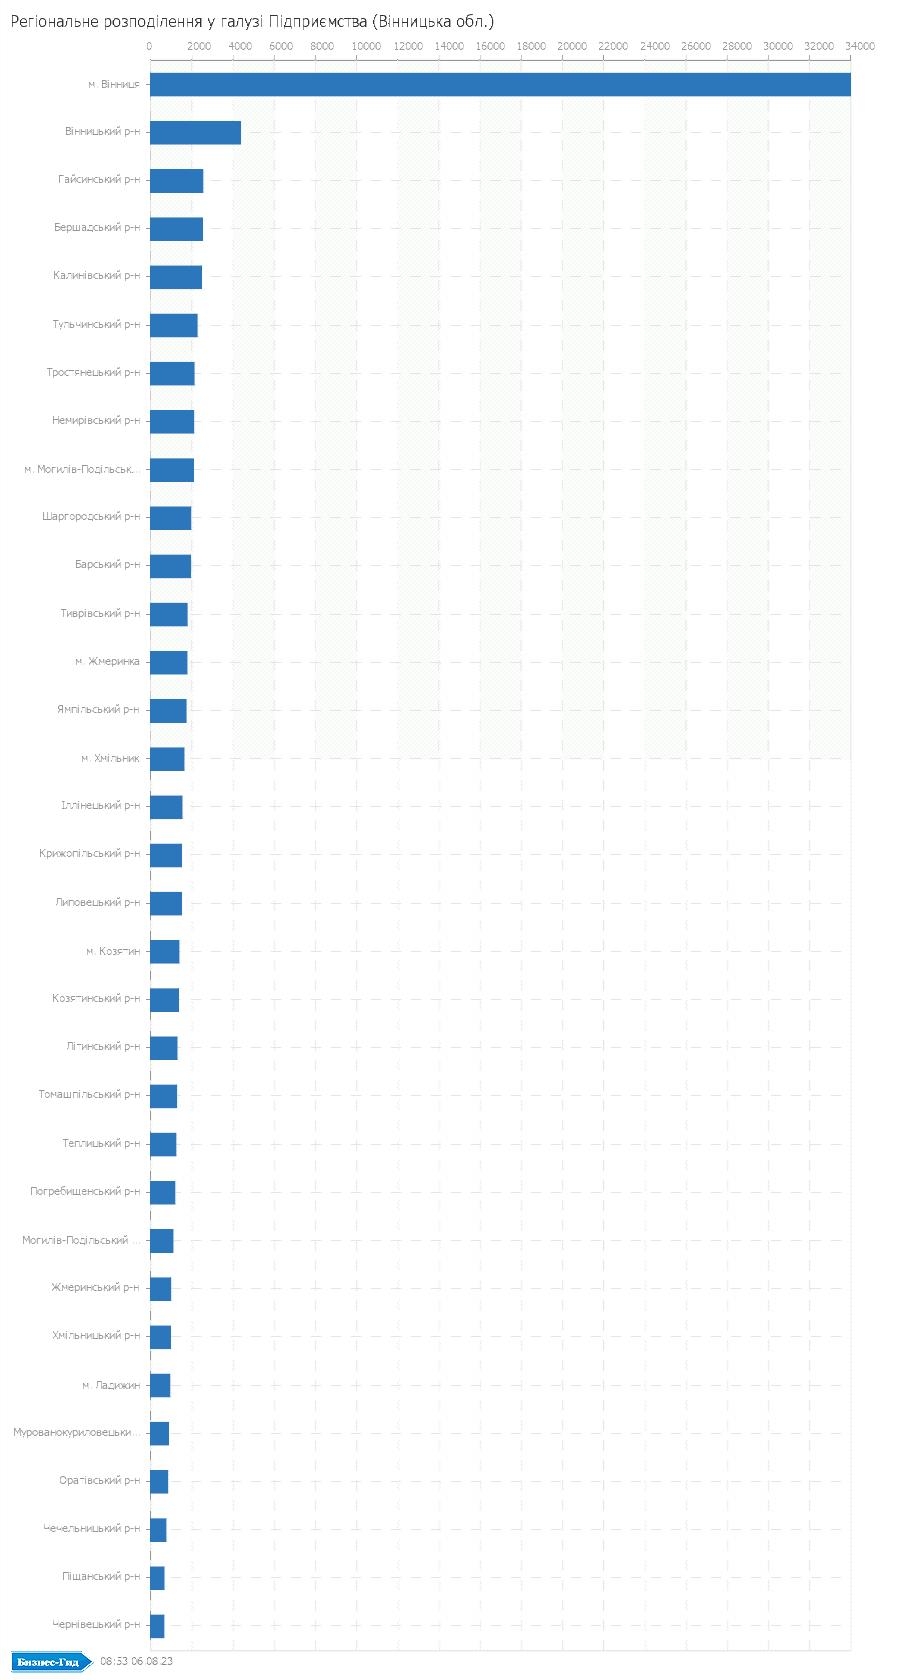 Регіональне розподілення у галузі: Підприємства (Вінницька обл.)